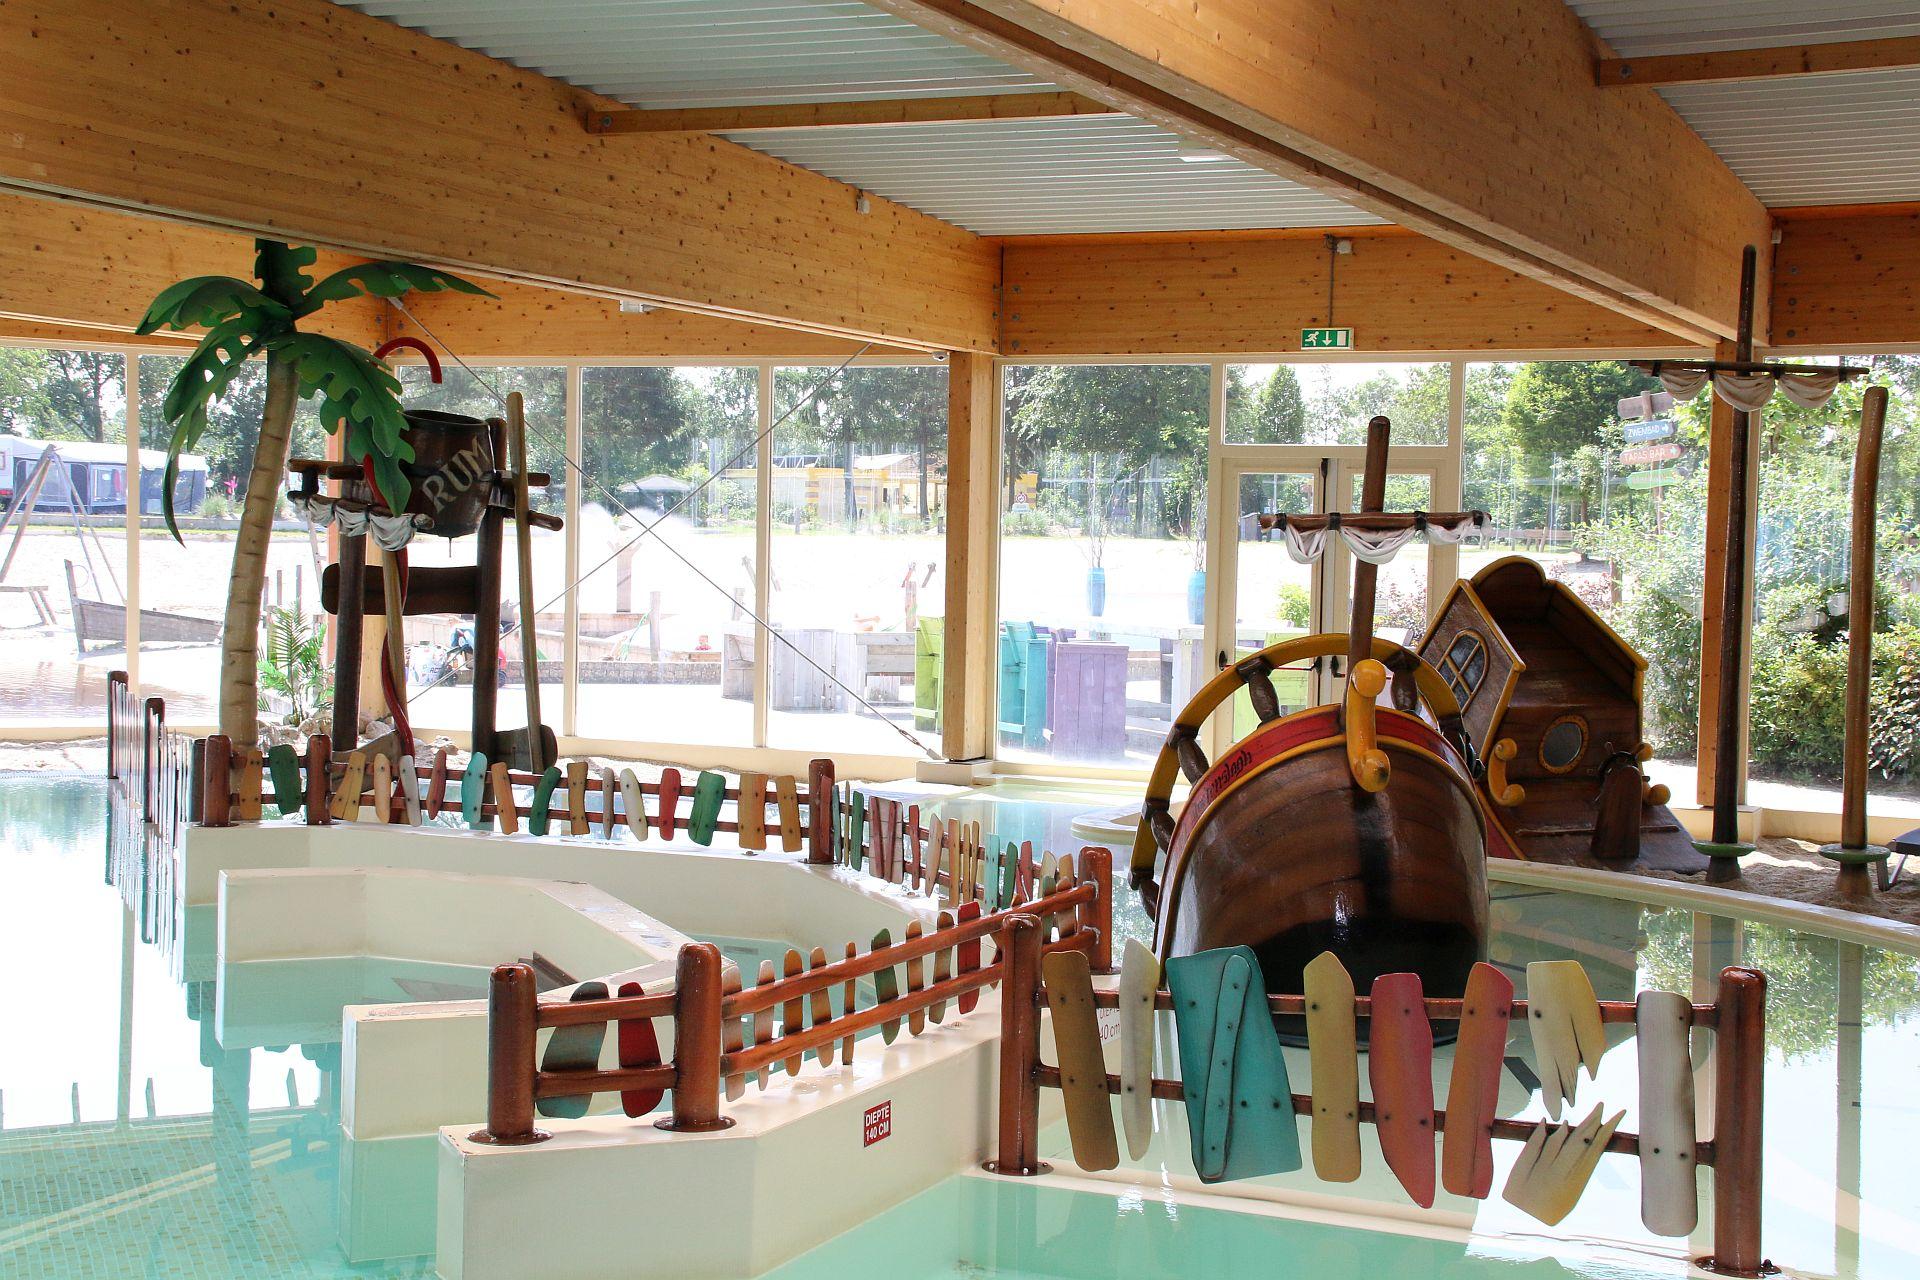 ANWB camping met zwembad voor gezinnen met kinderen! - ANWB camping met zwembad